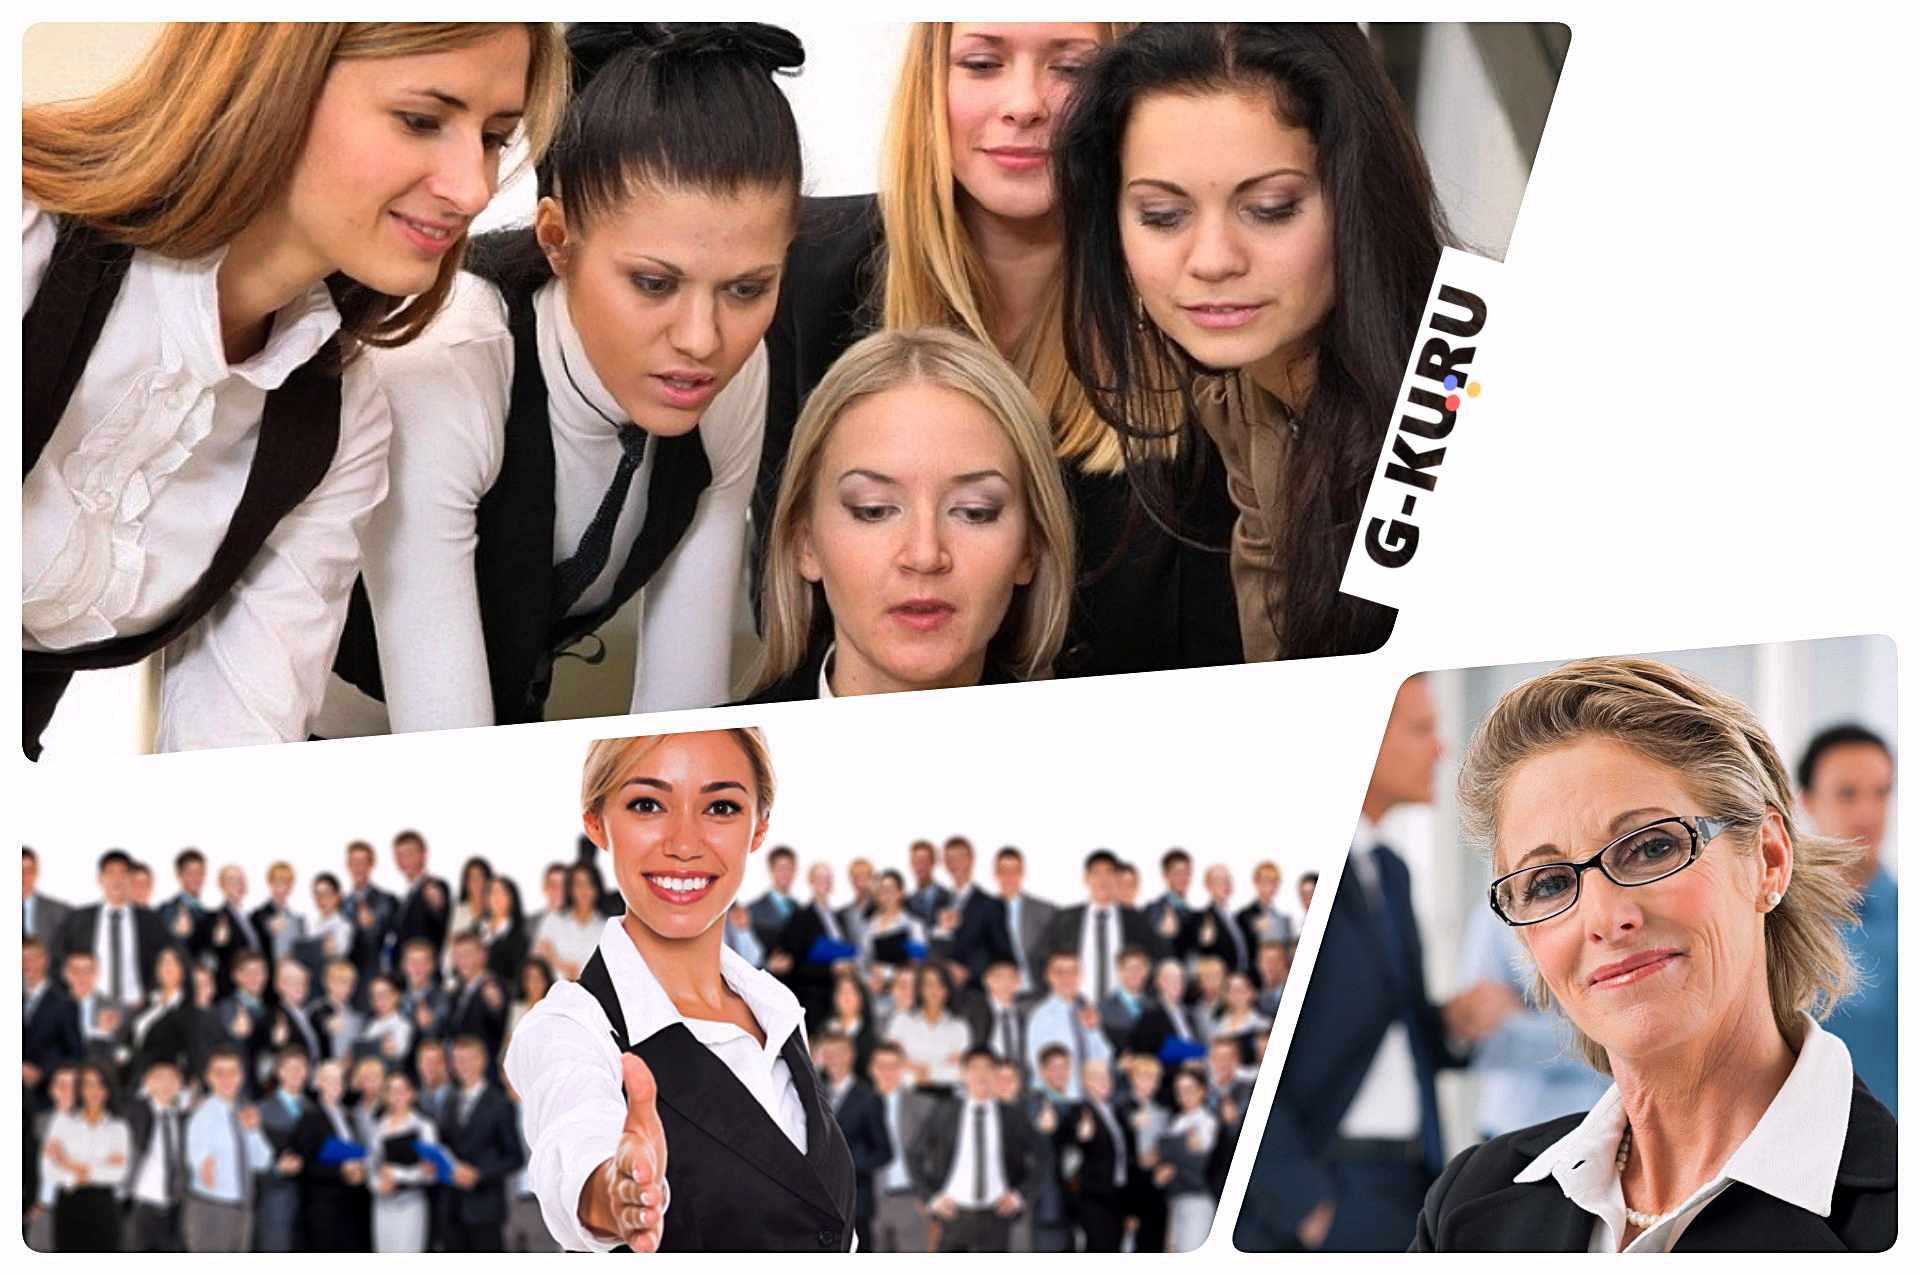 XVI Всероссийский конкурс деловых женщин «Успех» 2020